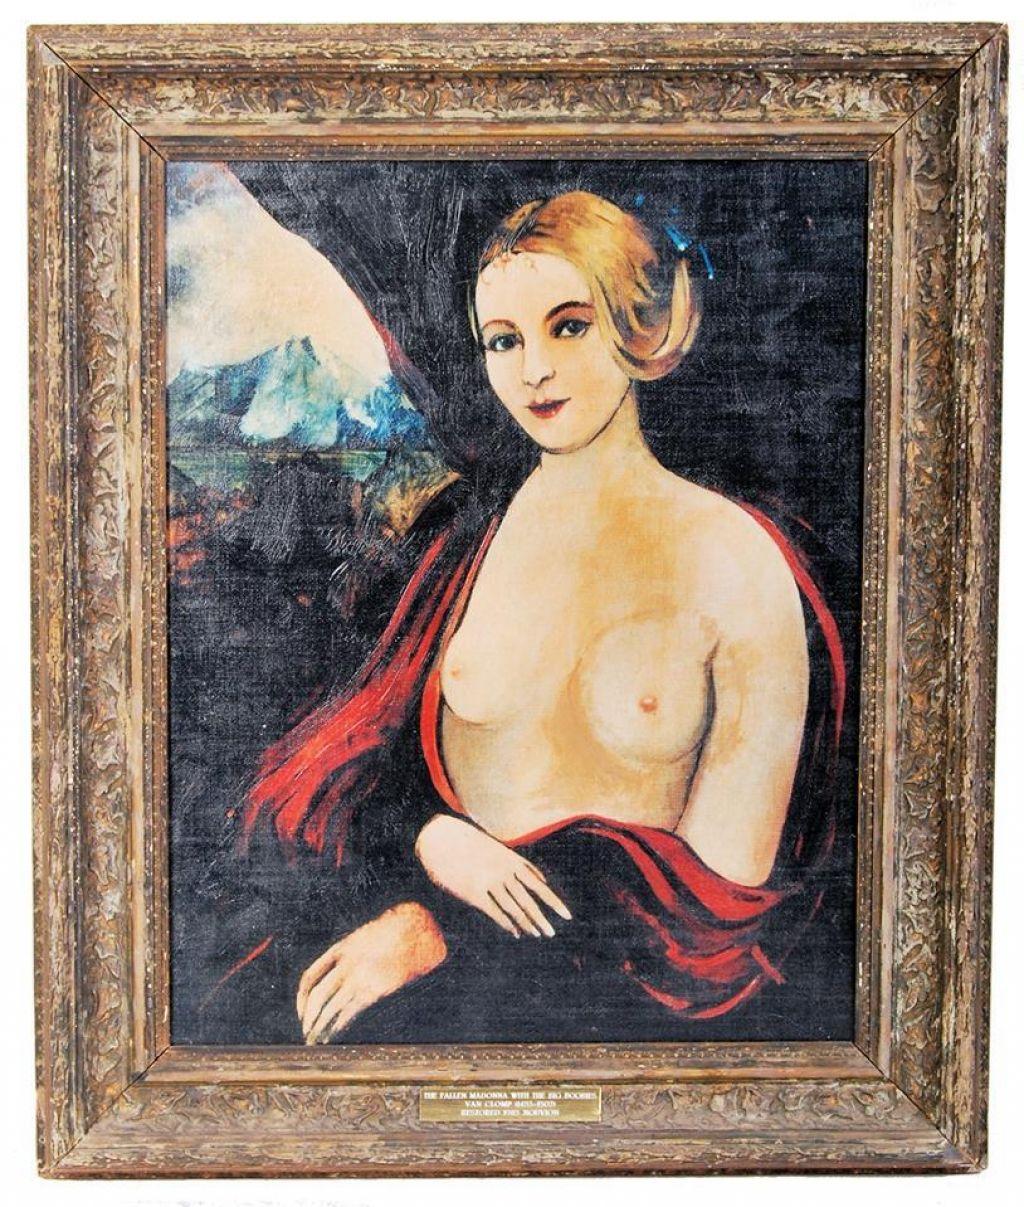 Sliko Padle Madone iz nadaljevanke Alo Alo prodali za 15 tisoč funtov